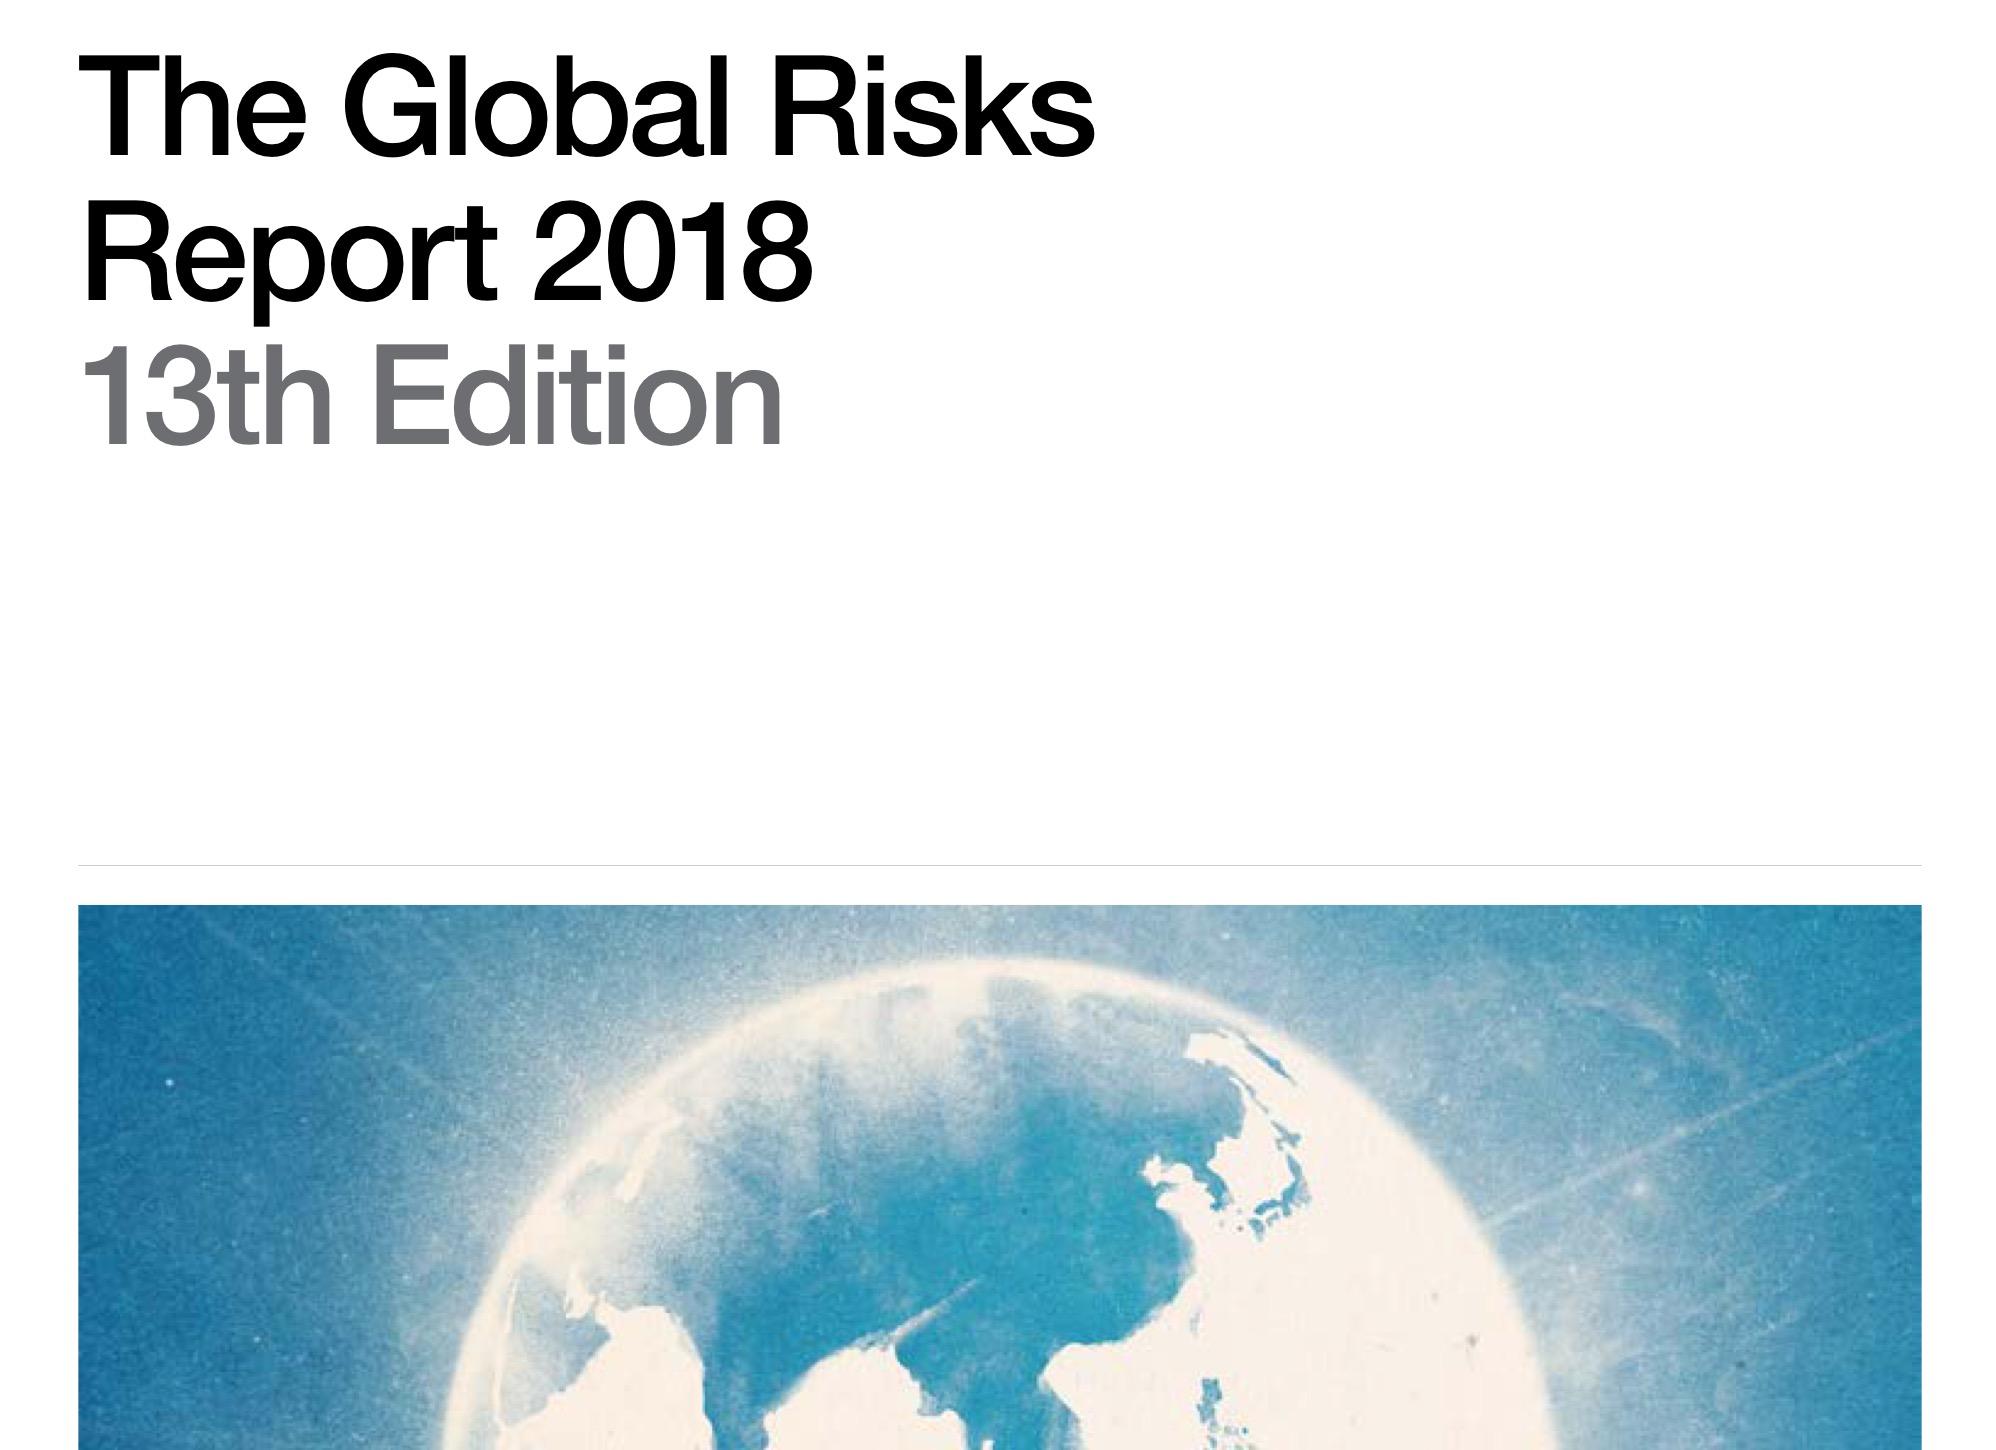 Raportul global al riscurilor indică un an 2018 mai problematic